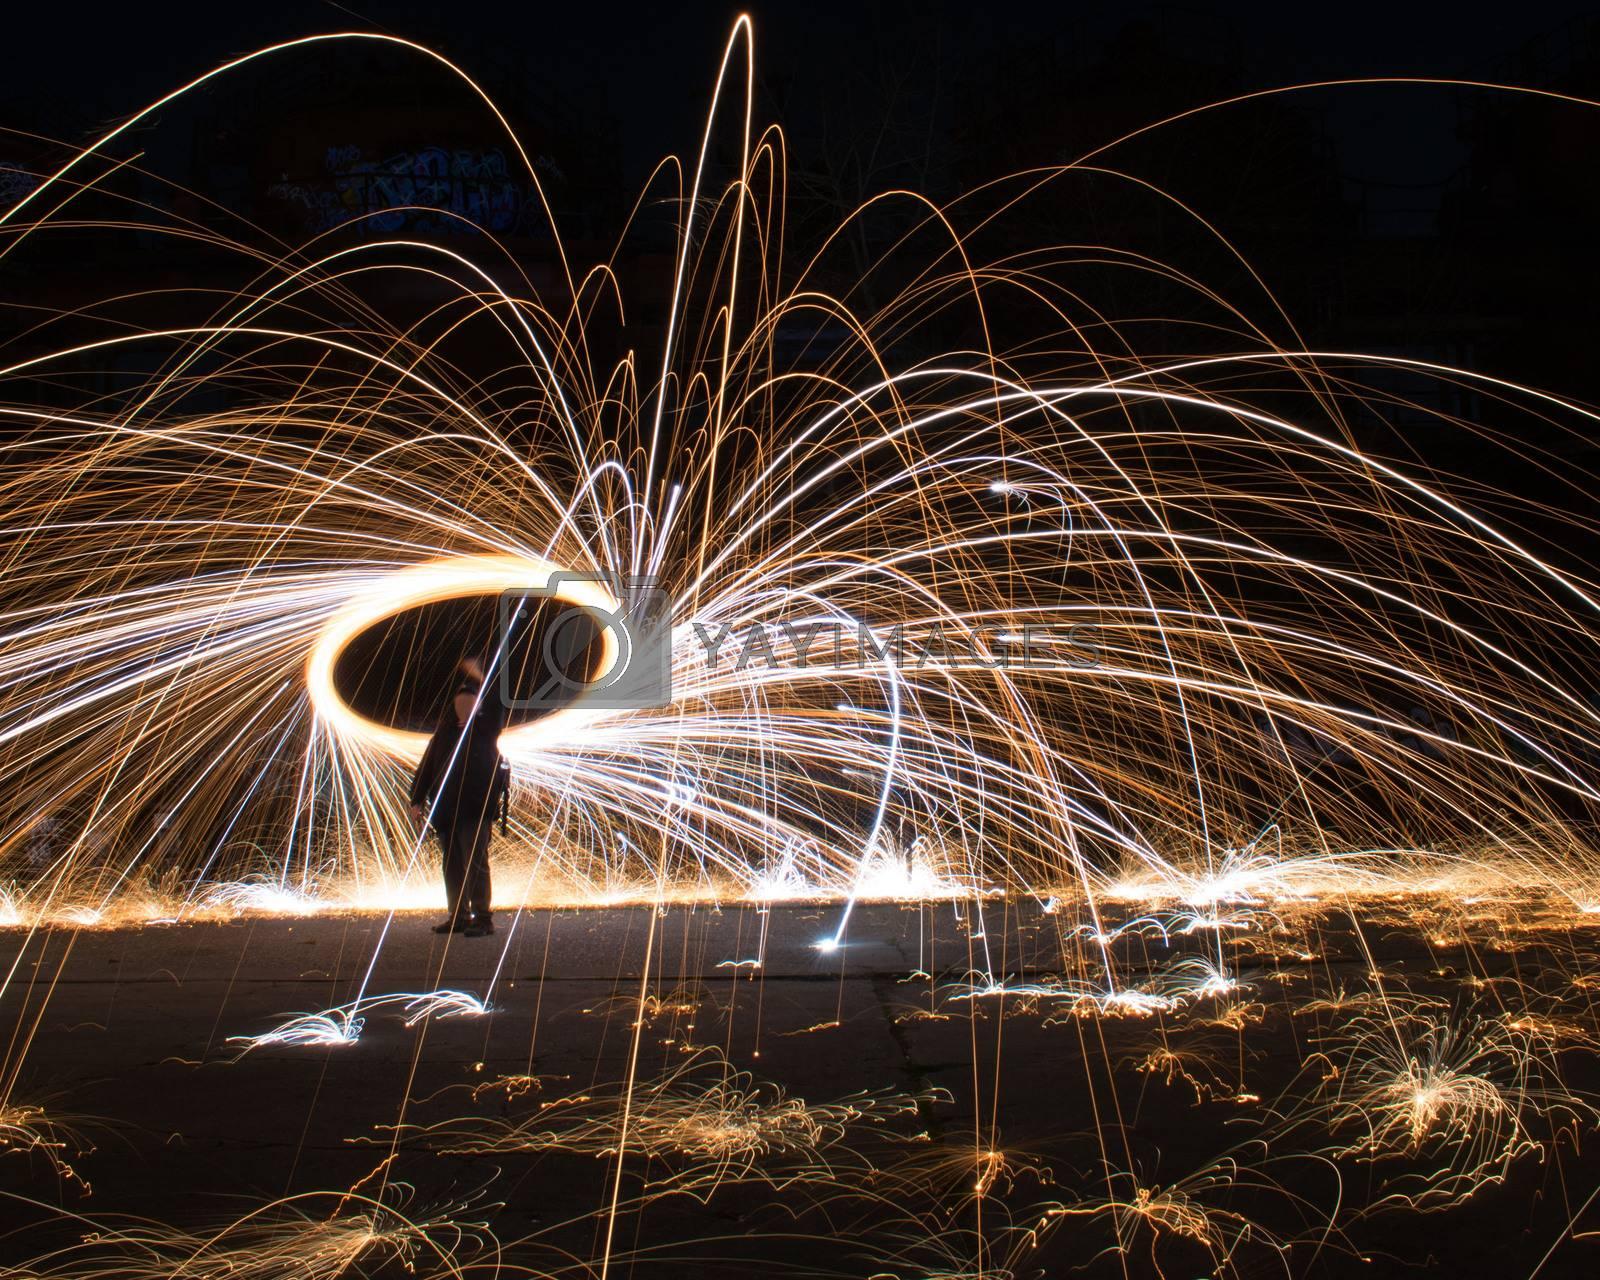 Steel Wool Long Exposure by benwehrman